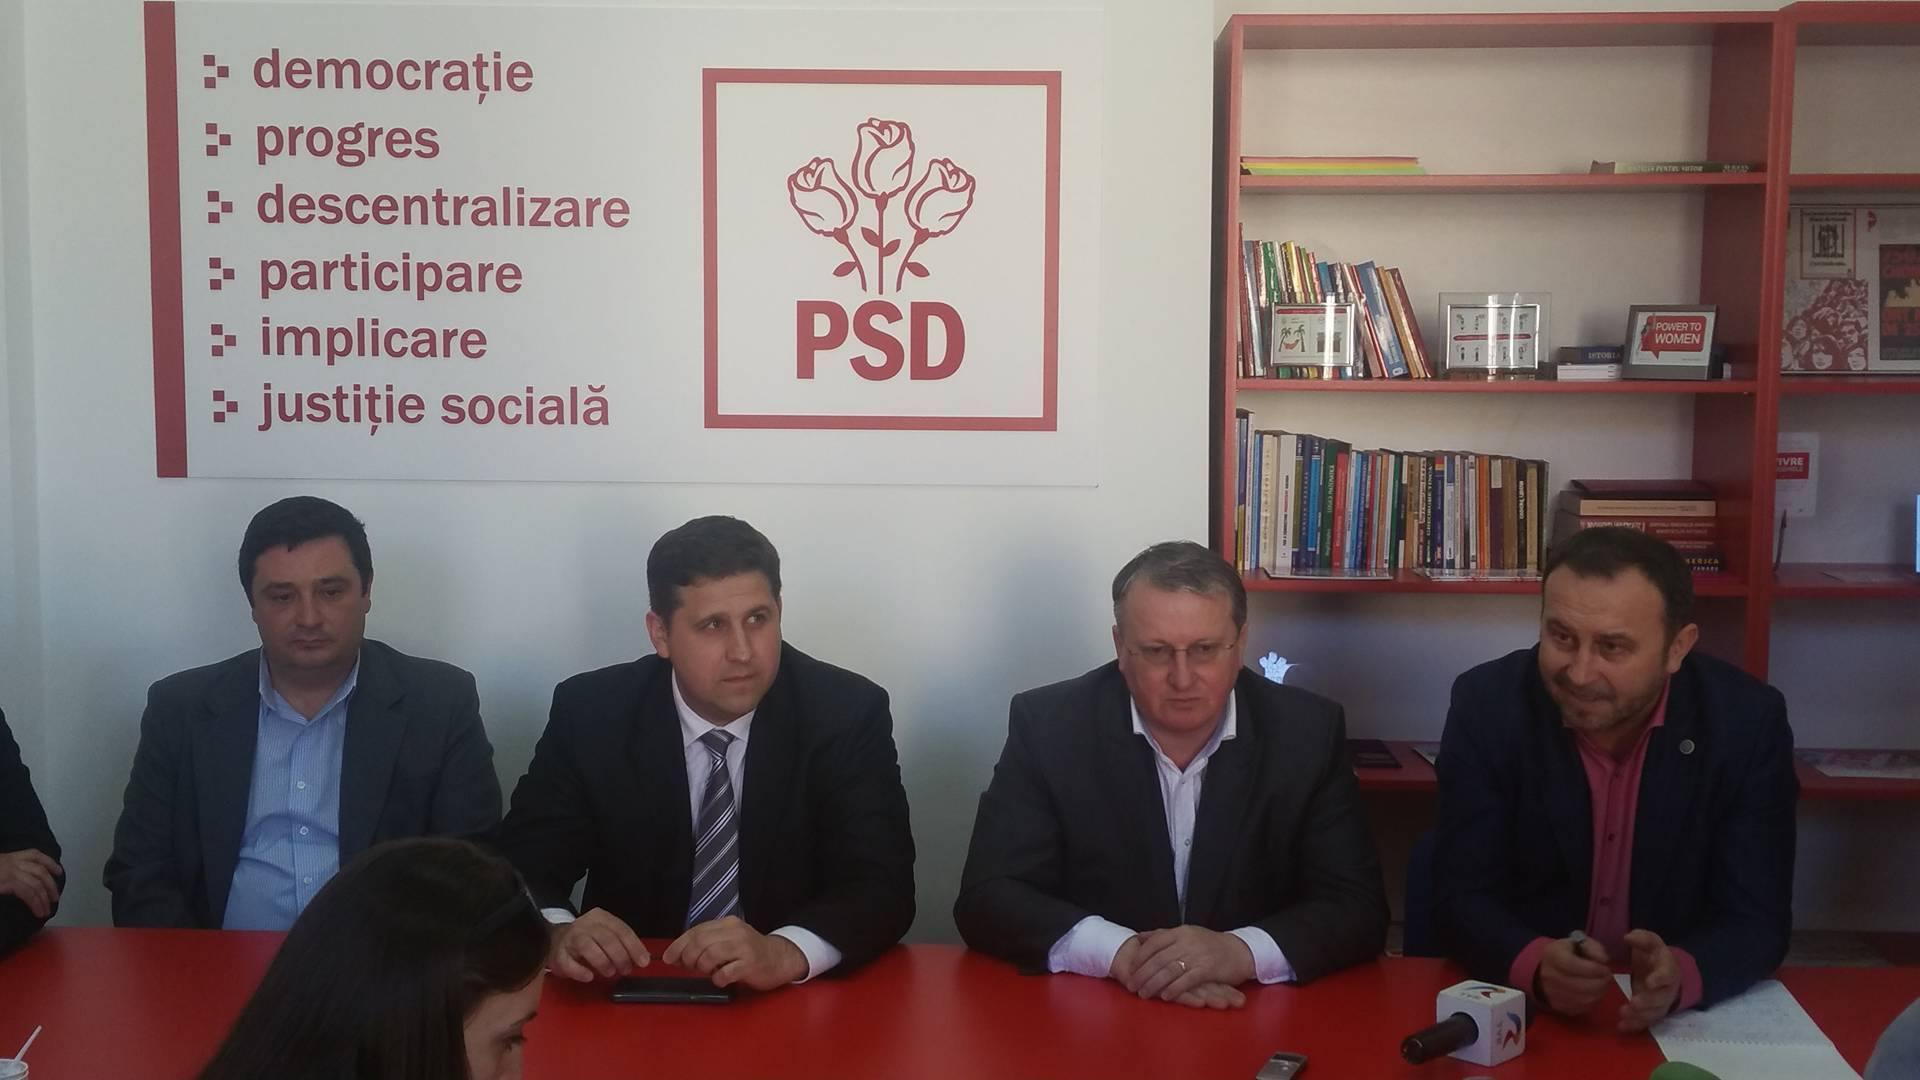 Dinu Criste (foto dreapta) va candida la primăria comunei Florești cu sau fără susținerea politică a PSD Cluj.